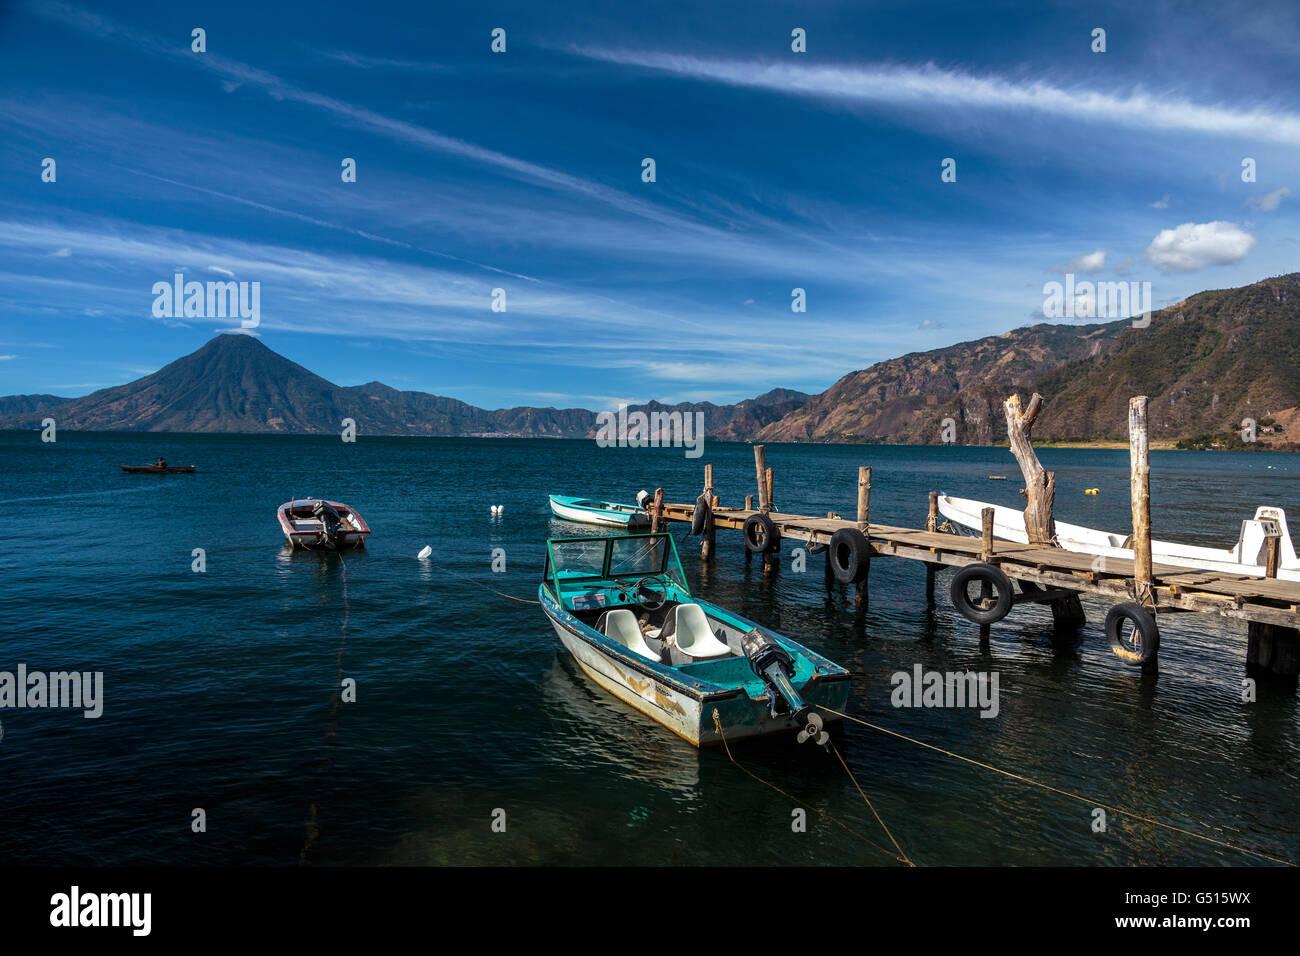 Cielos azules sobre el lago de Atitlán y el volcán San Pedro, Guatemala donde los barcos están atracados Imagen De Stock